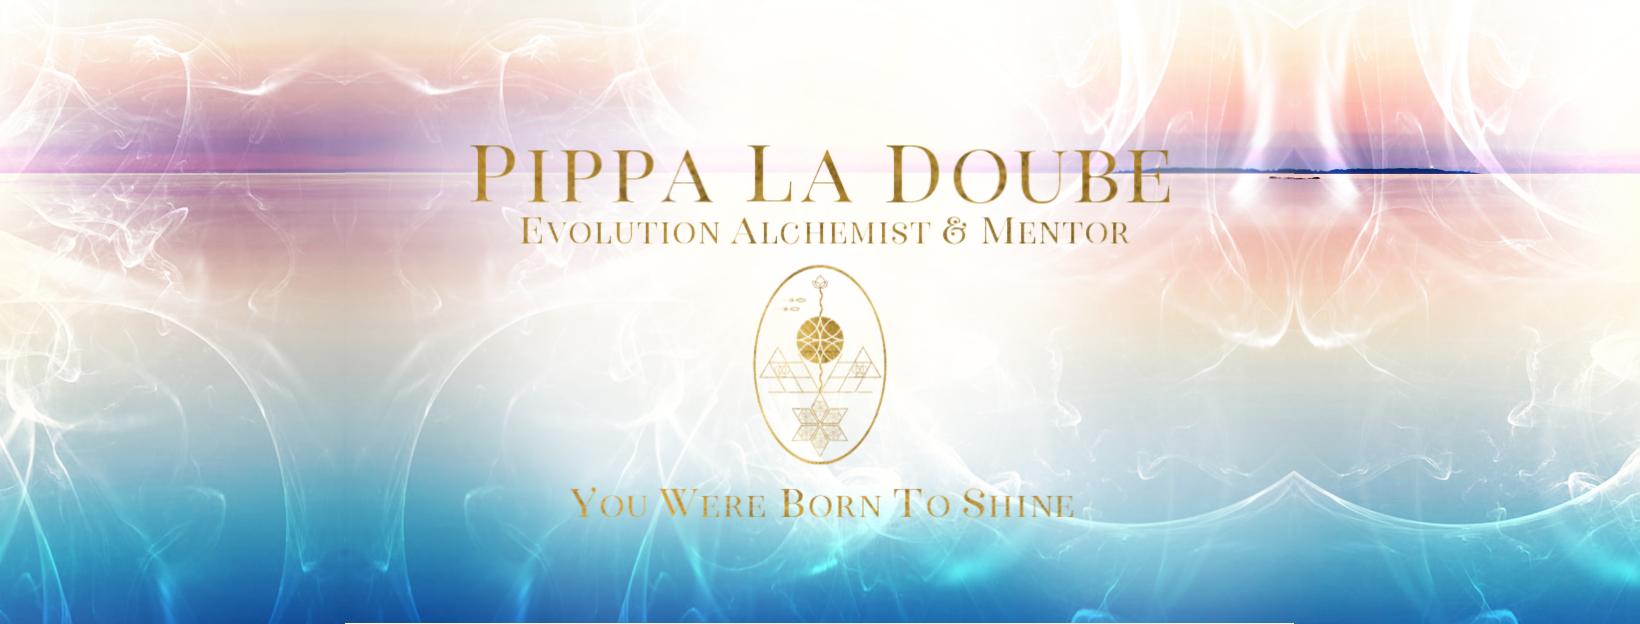 Pippa La Doube Mentor Alchemy